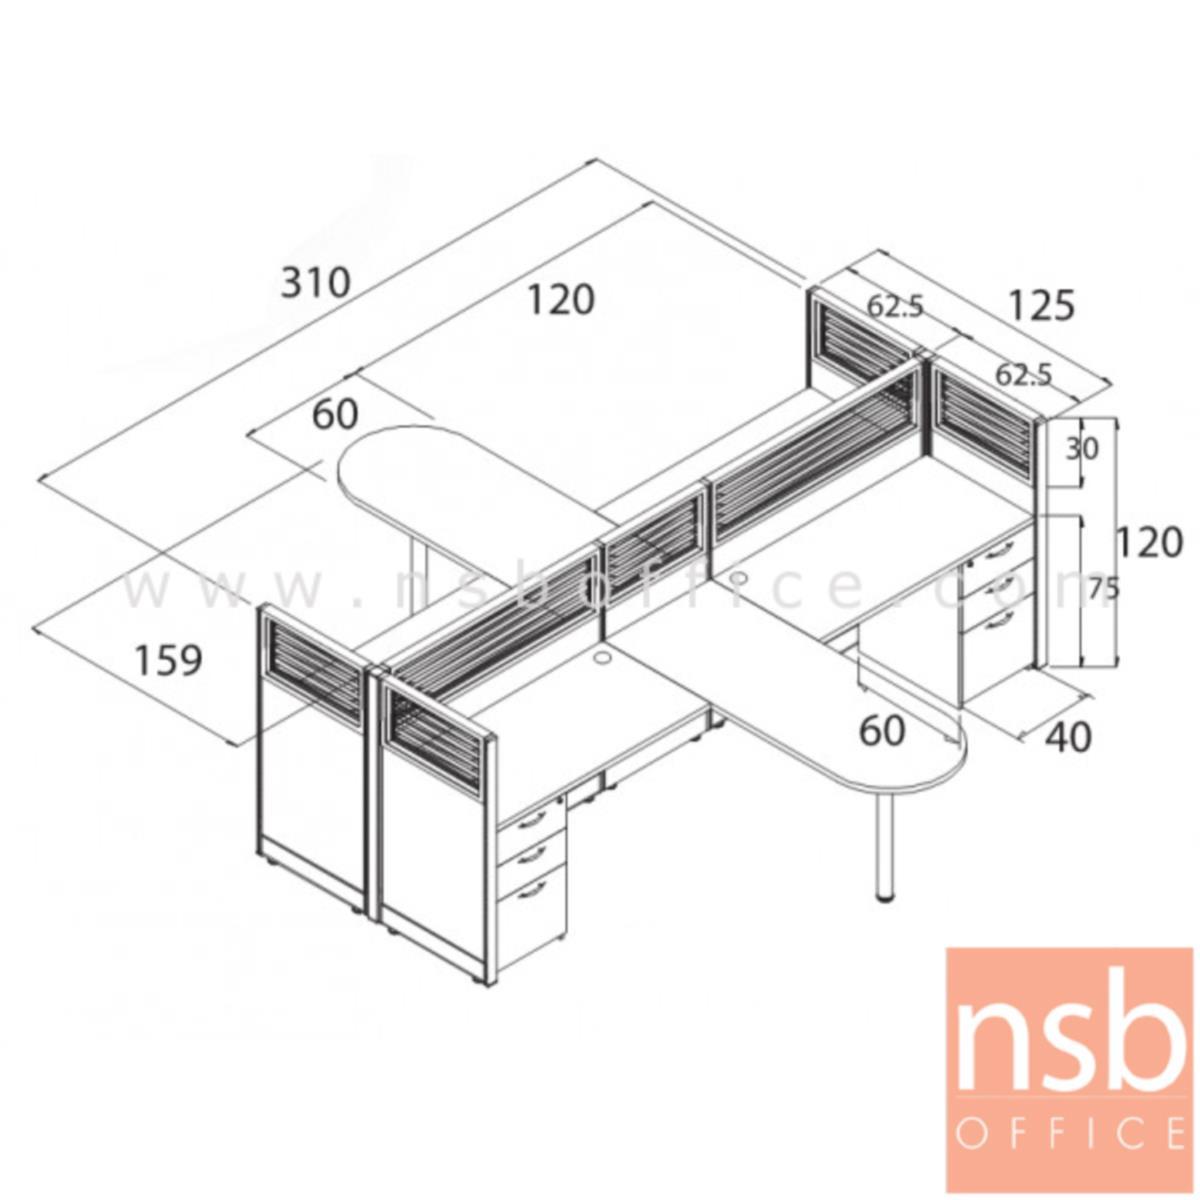 ชุดโต๊ะทำงานกลุ่ม 4 ที่นั่ง โต๊ะหัวโค้งต่อกลาง   ขนาด 310W cm. พร้อมพาร์ทิชั่น Hybrid